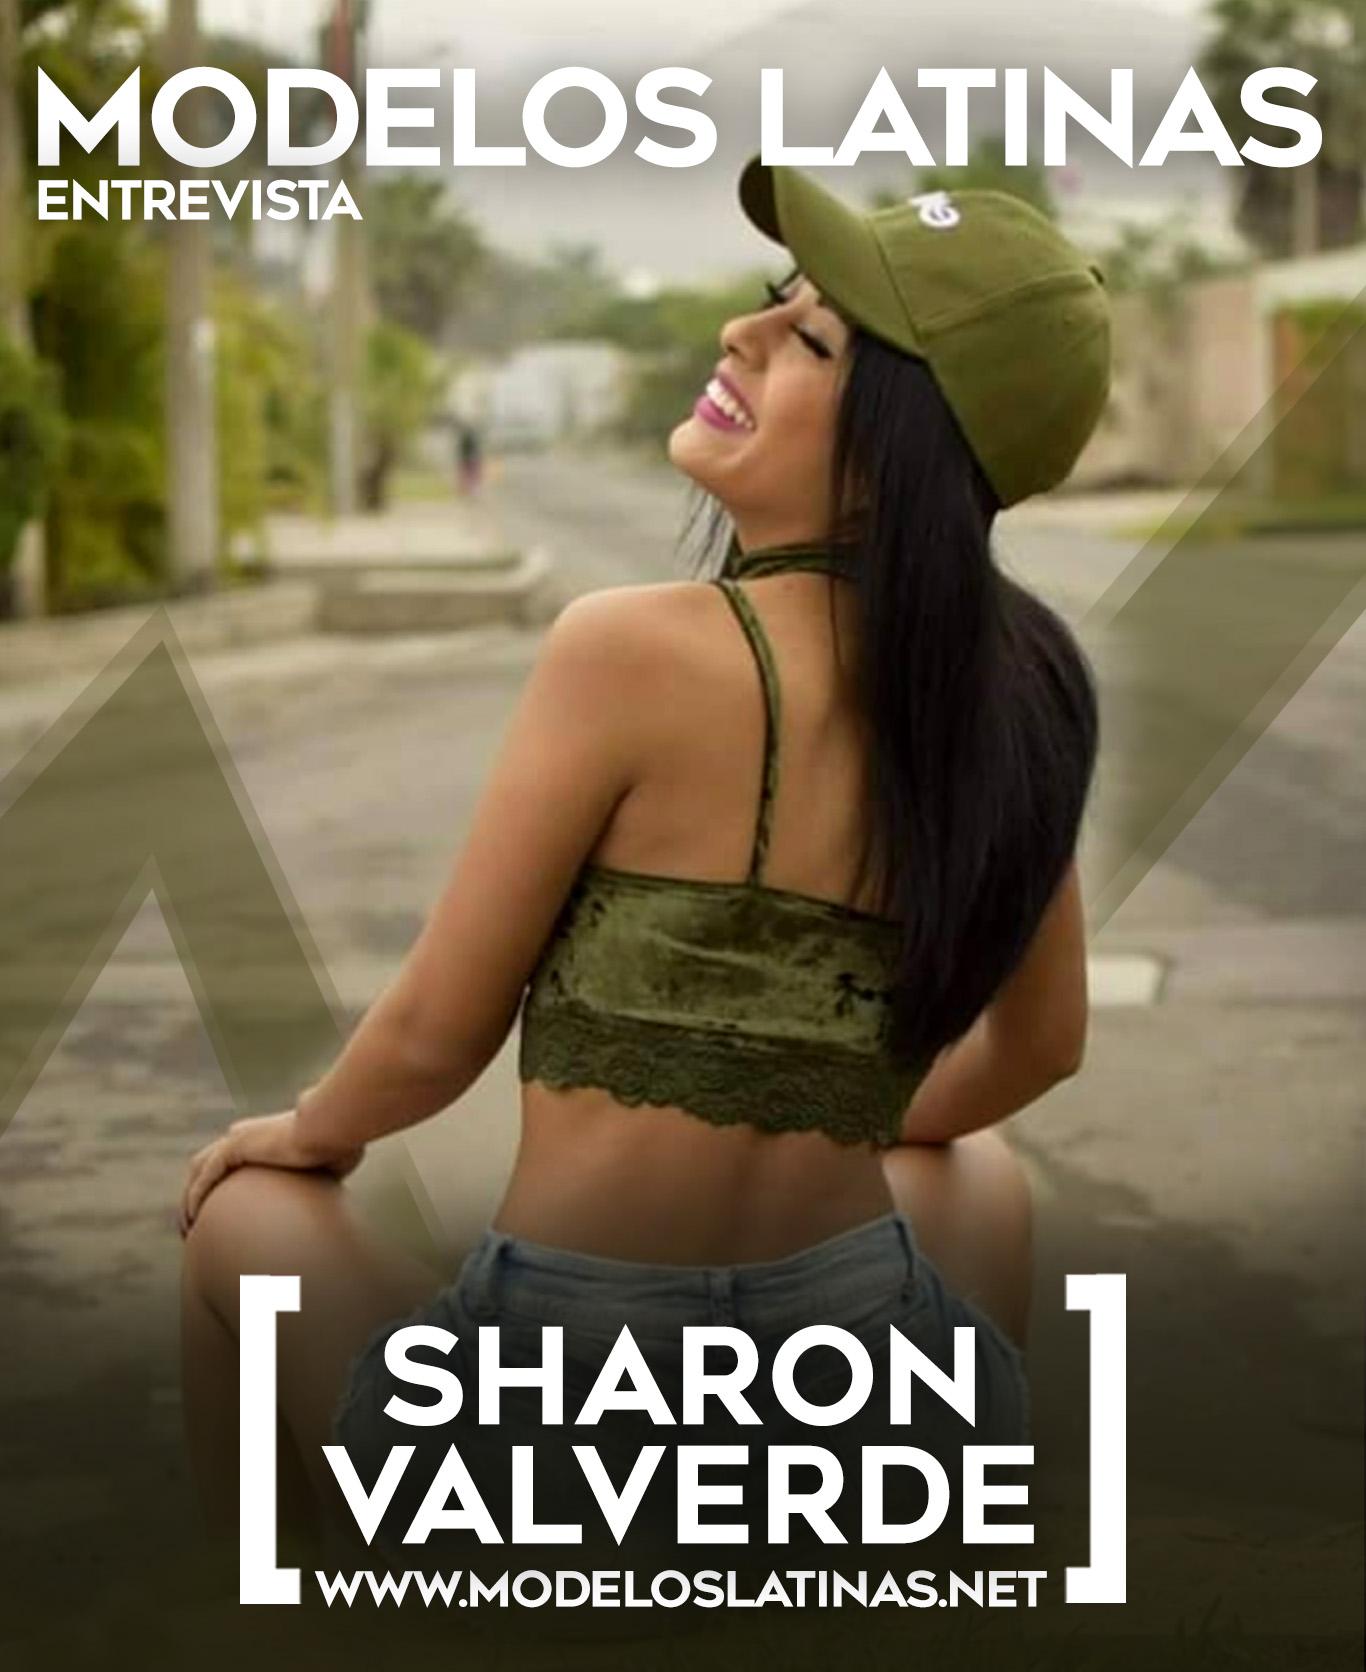 Sharon Valverde